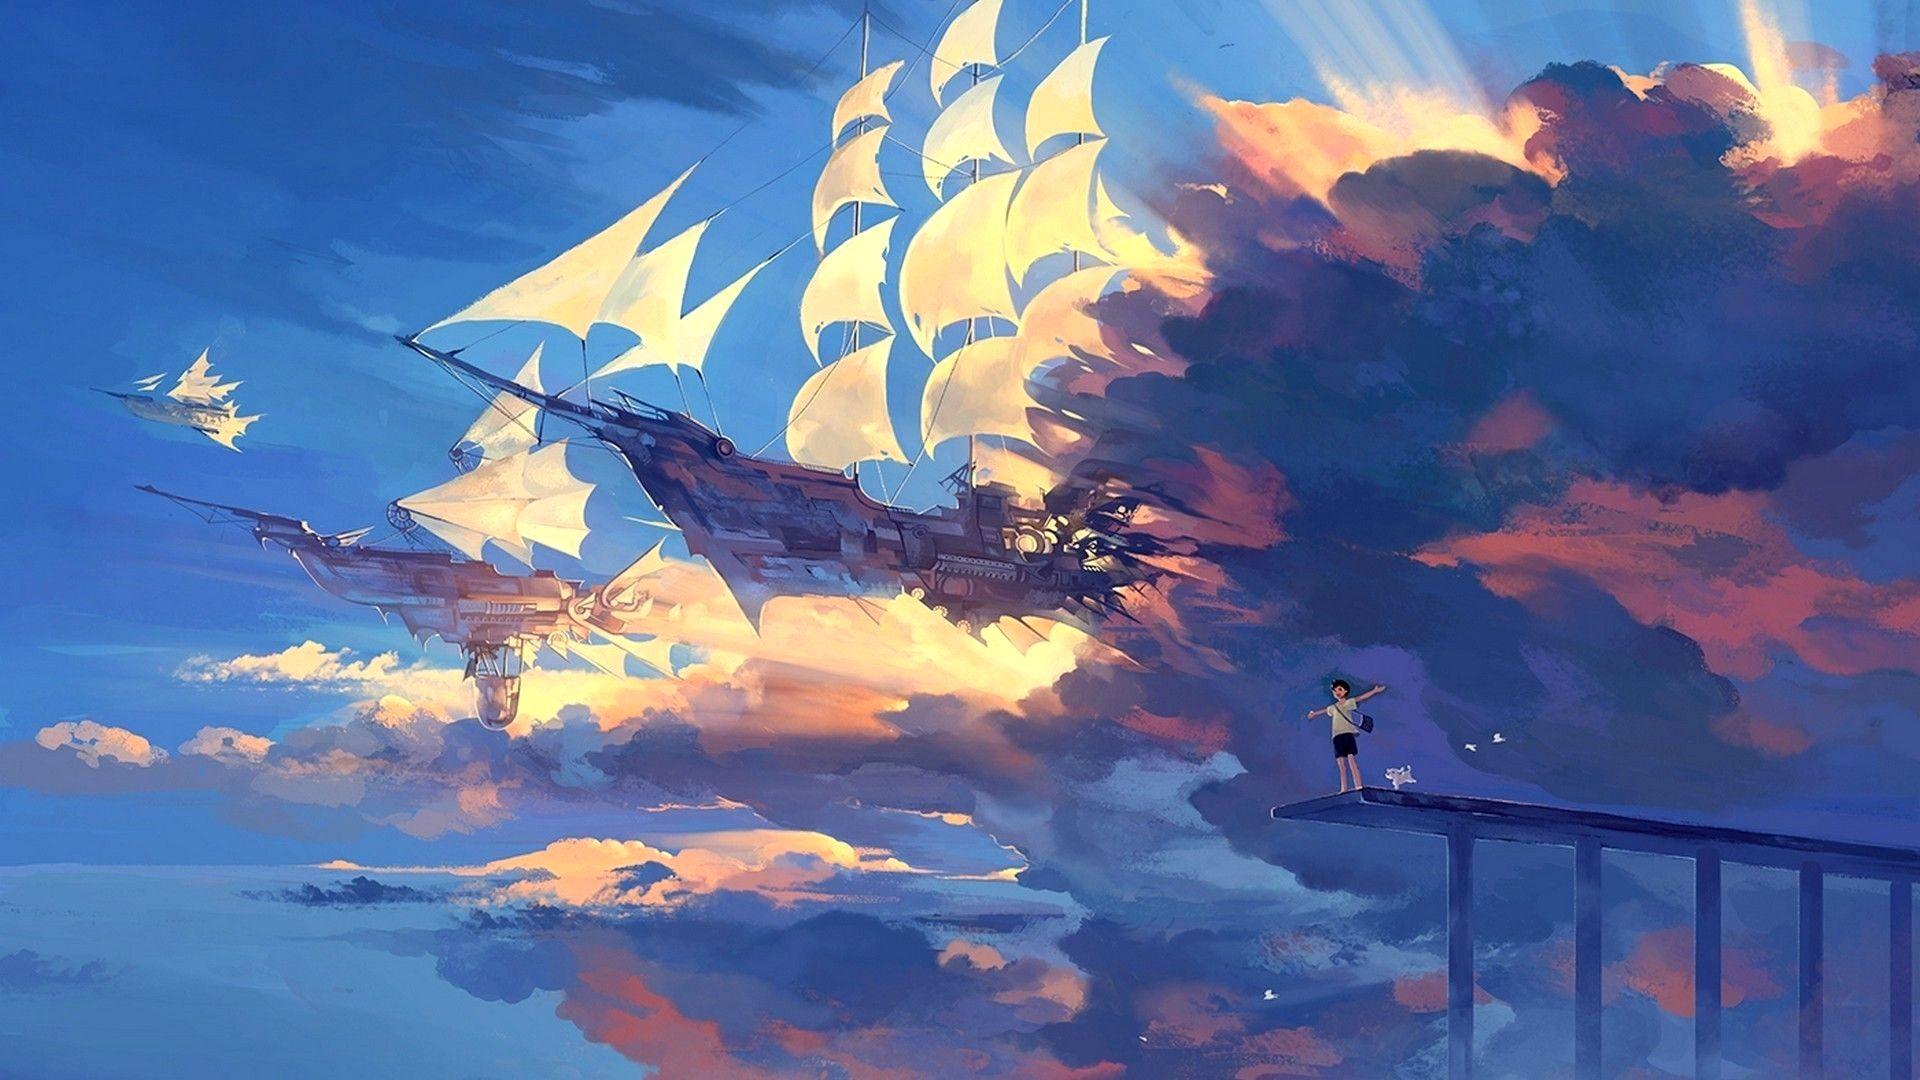 4k Wallpaper Desktop Reddit Ideas Scenery Wallpaper Anime Scenery Wallpaper Anime Scenery